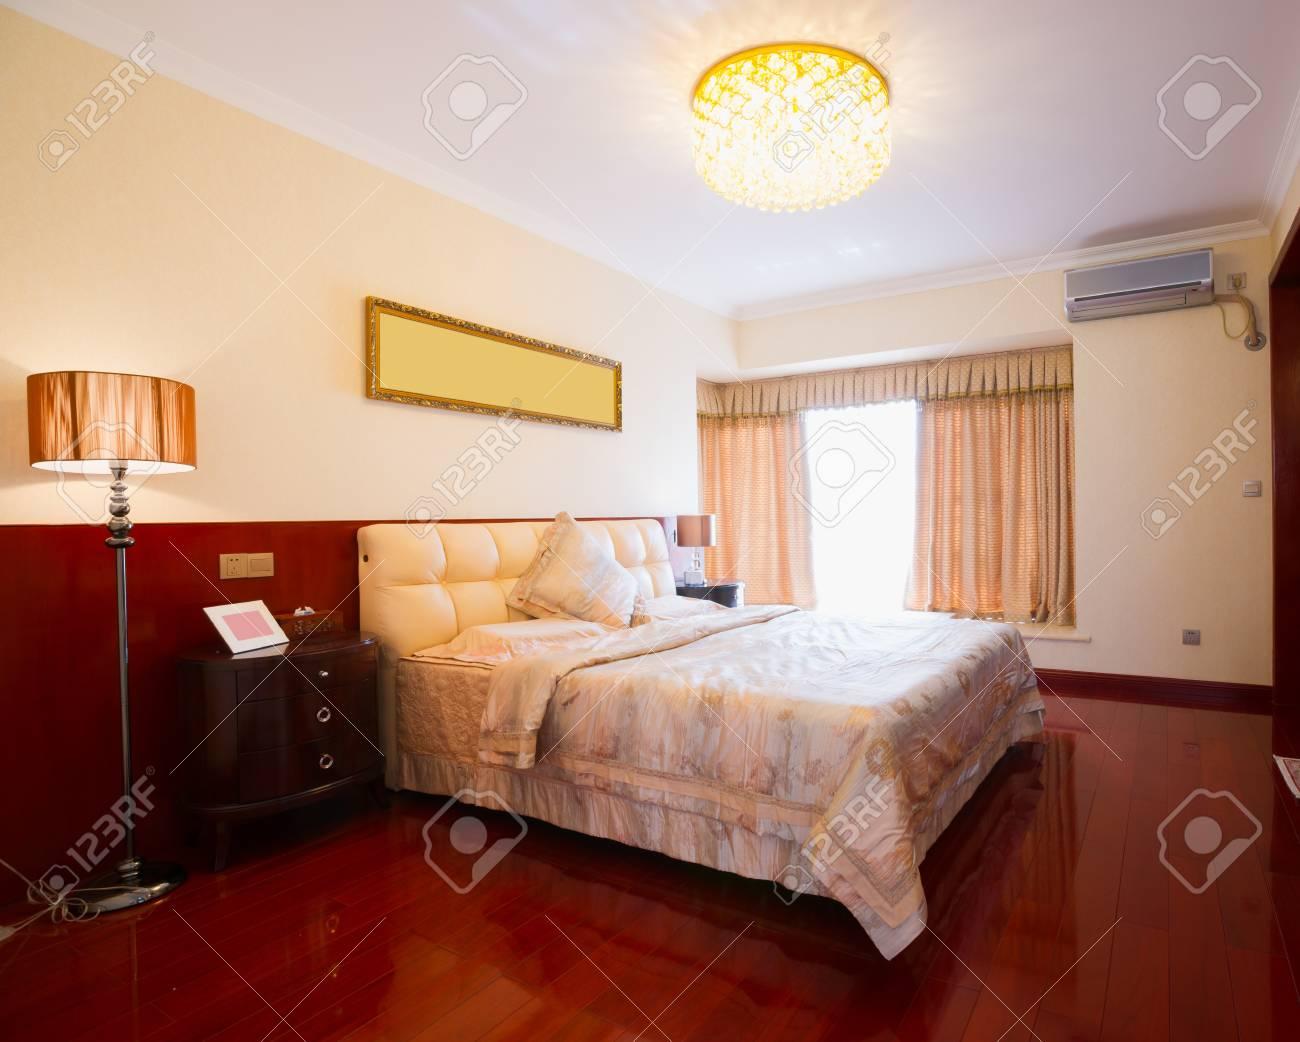 luxury bedroom Stock Photo - 20023852